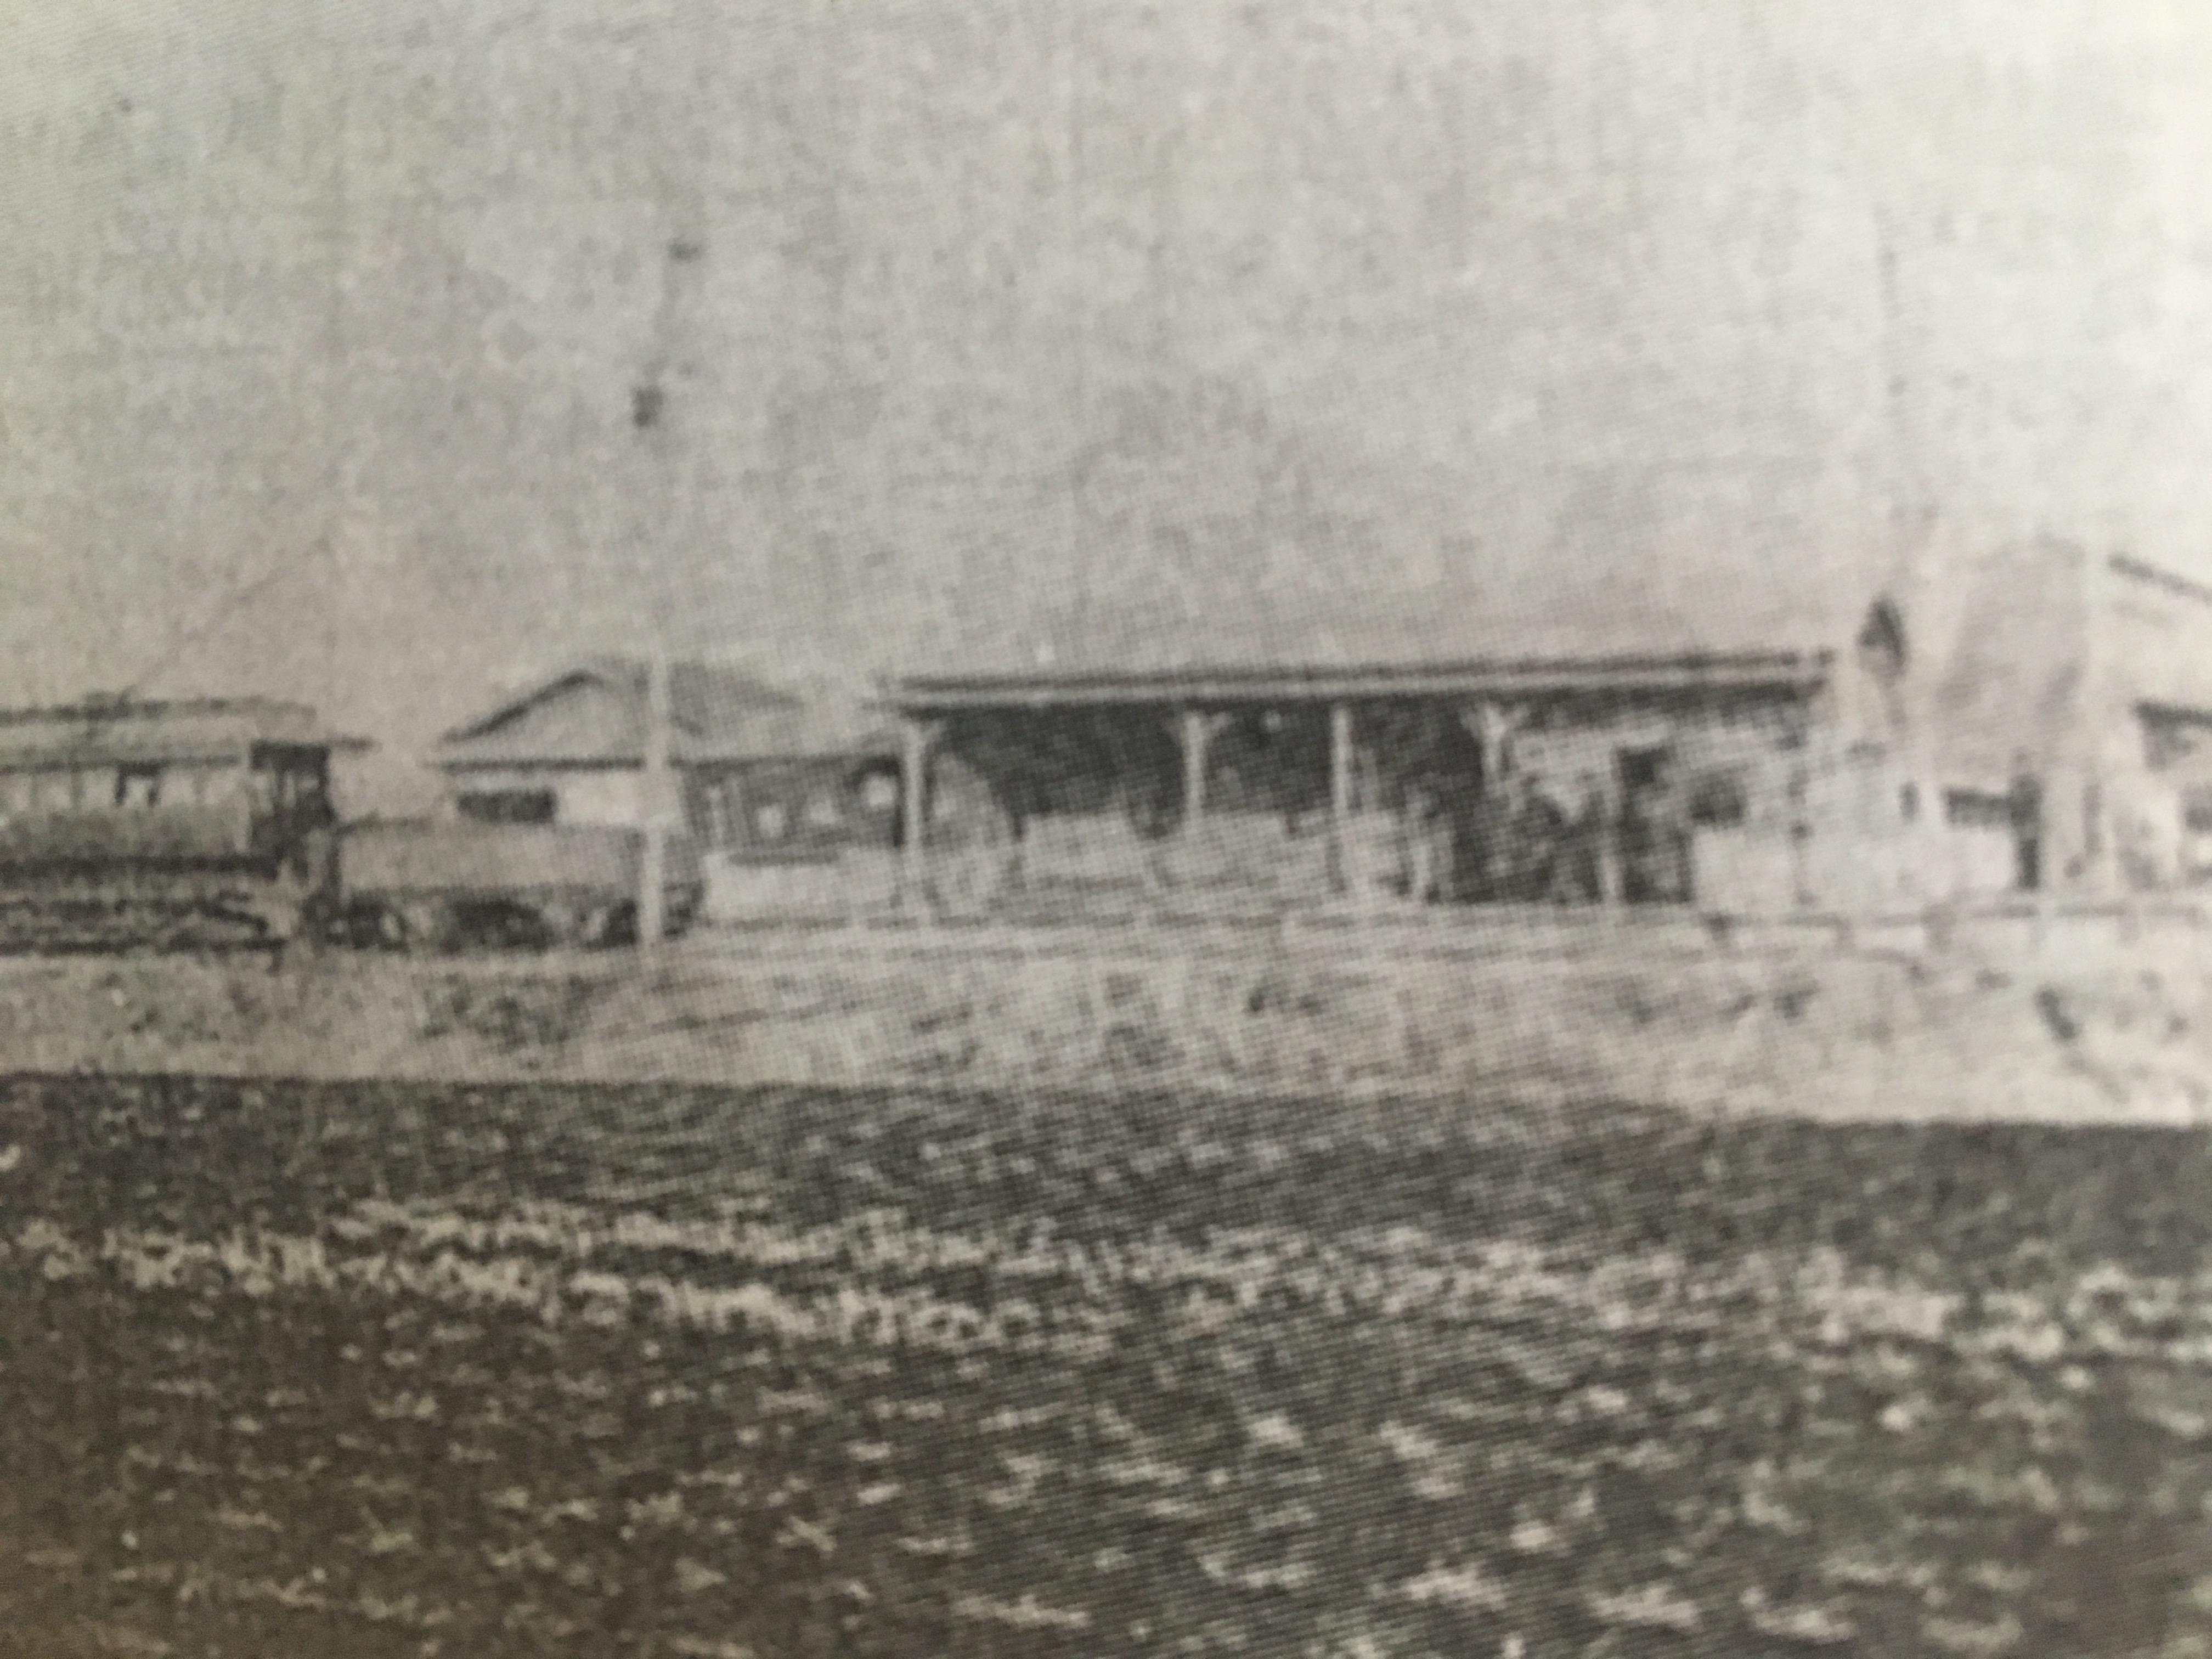 【愛と哀しみの埼玉の歴史】昔の大宮駅は池袋の真逆だった!?西武大宮線 その1